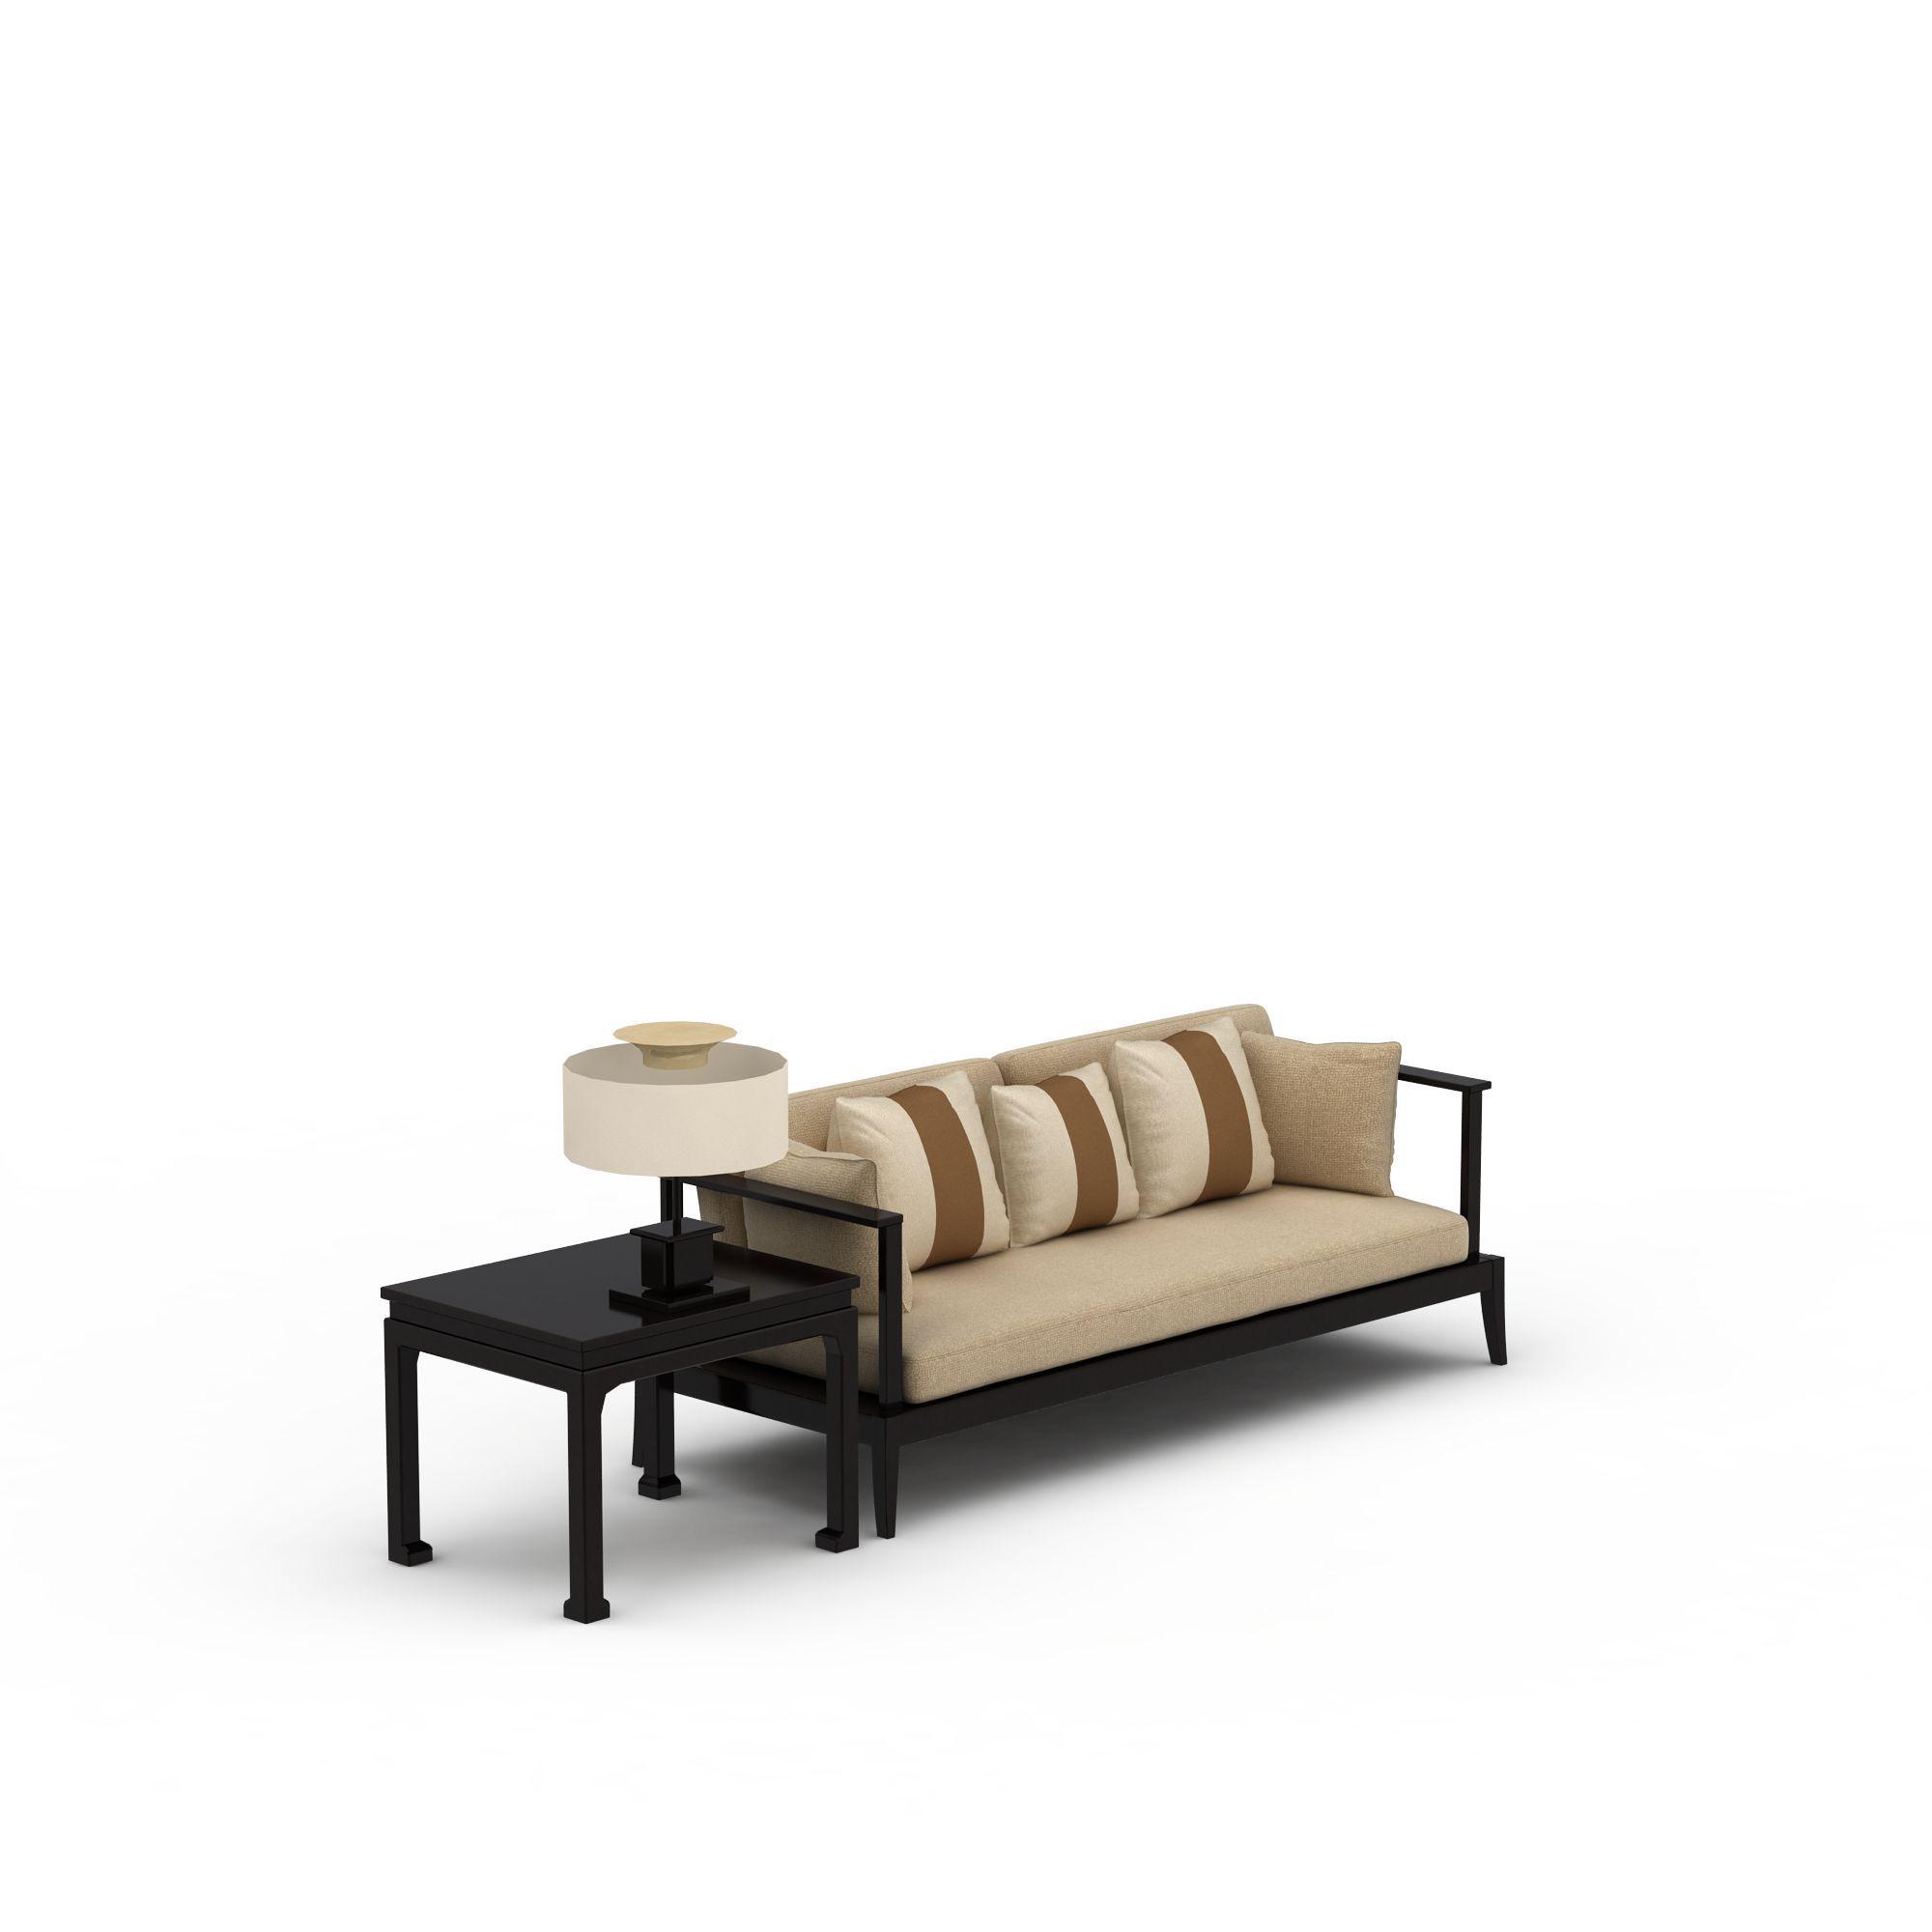 新中式沙发高清图下载图片